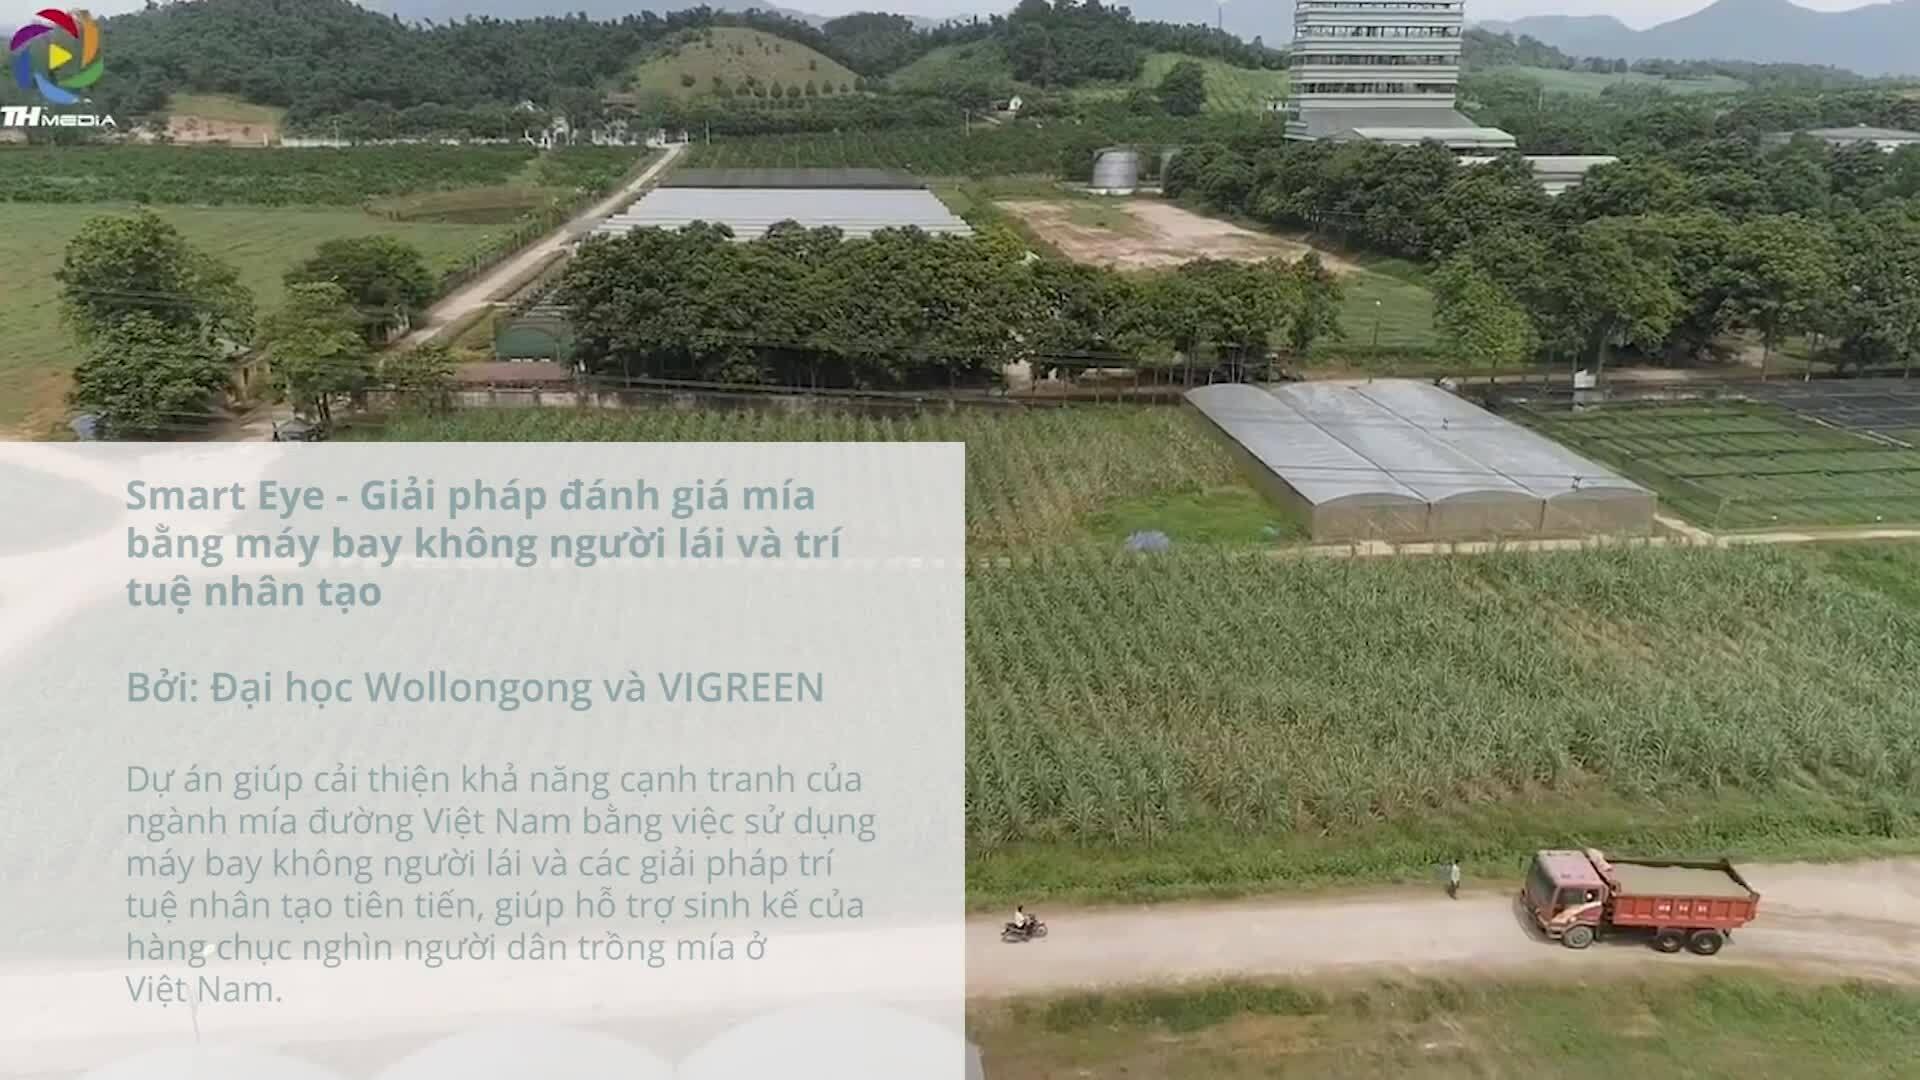 1,4 triệu AUD phát triển bốn dự án chuyển đổi số ở Việt Nam